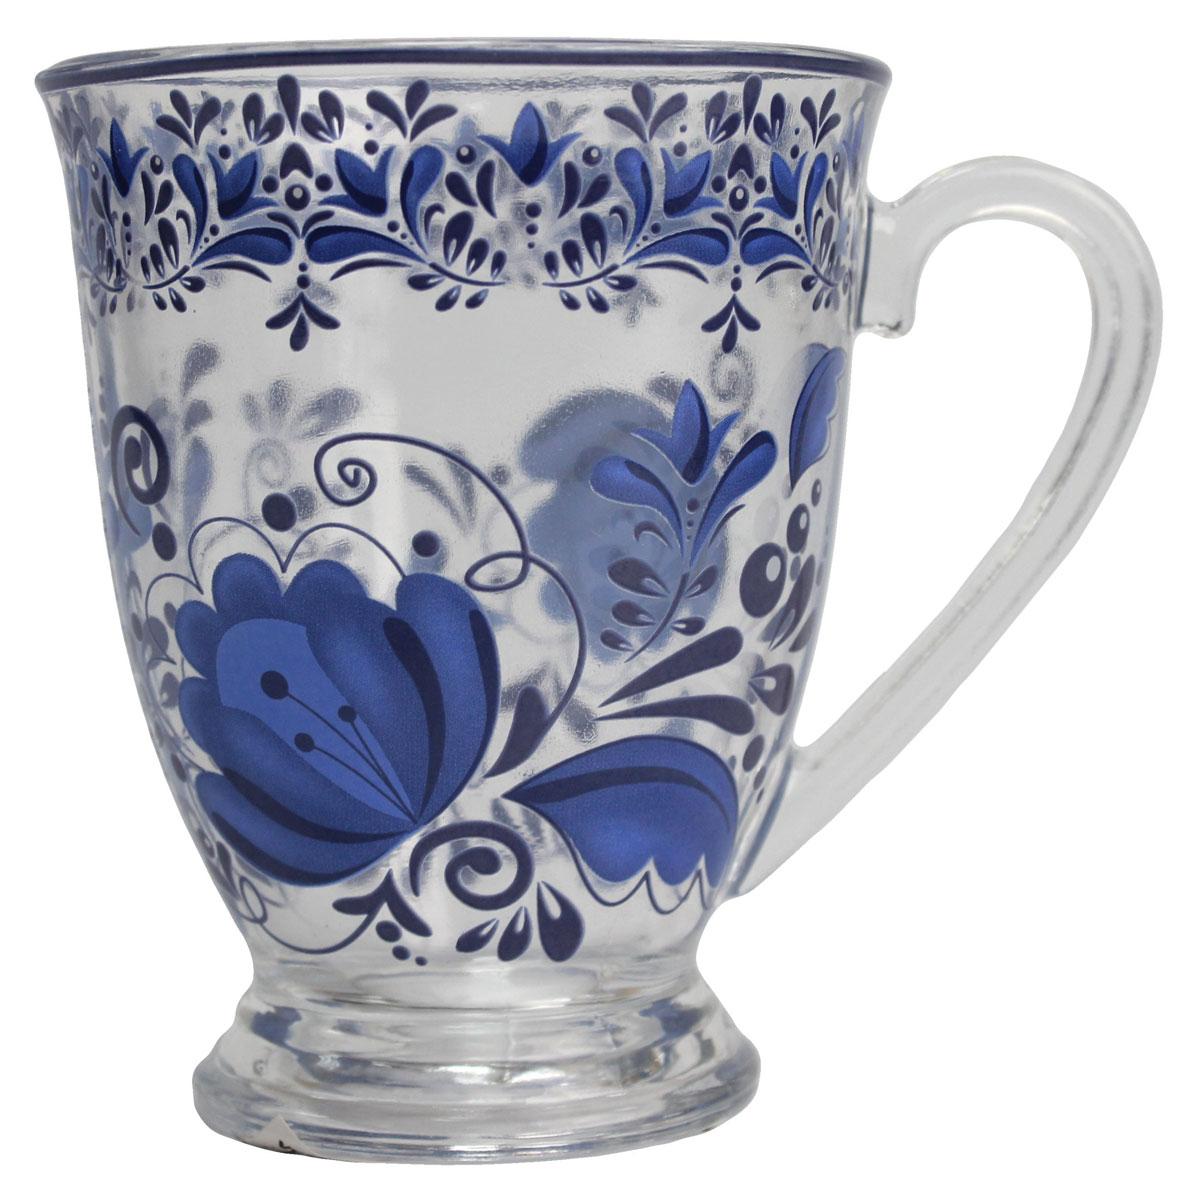 Кружка Vetta Гжельские узоры, 360 мл. 87903254 009312Кружка Vetta Гжельские узоры, изготовленная из стекла и оформленная красивым рисунком, станет незаменимым аксессуаром на вашей кухне.